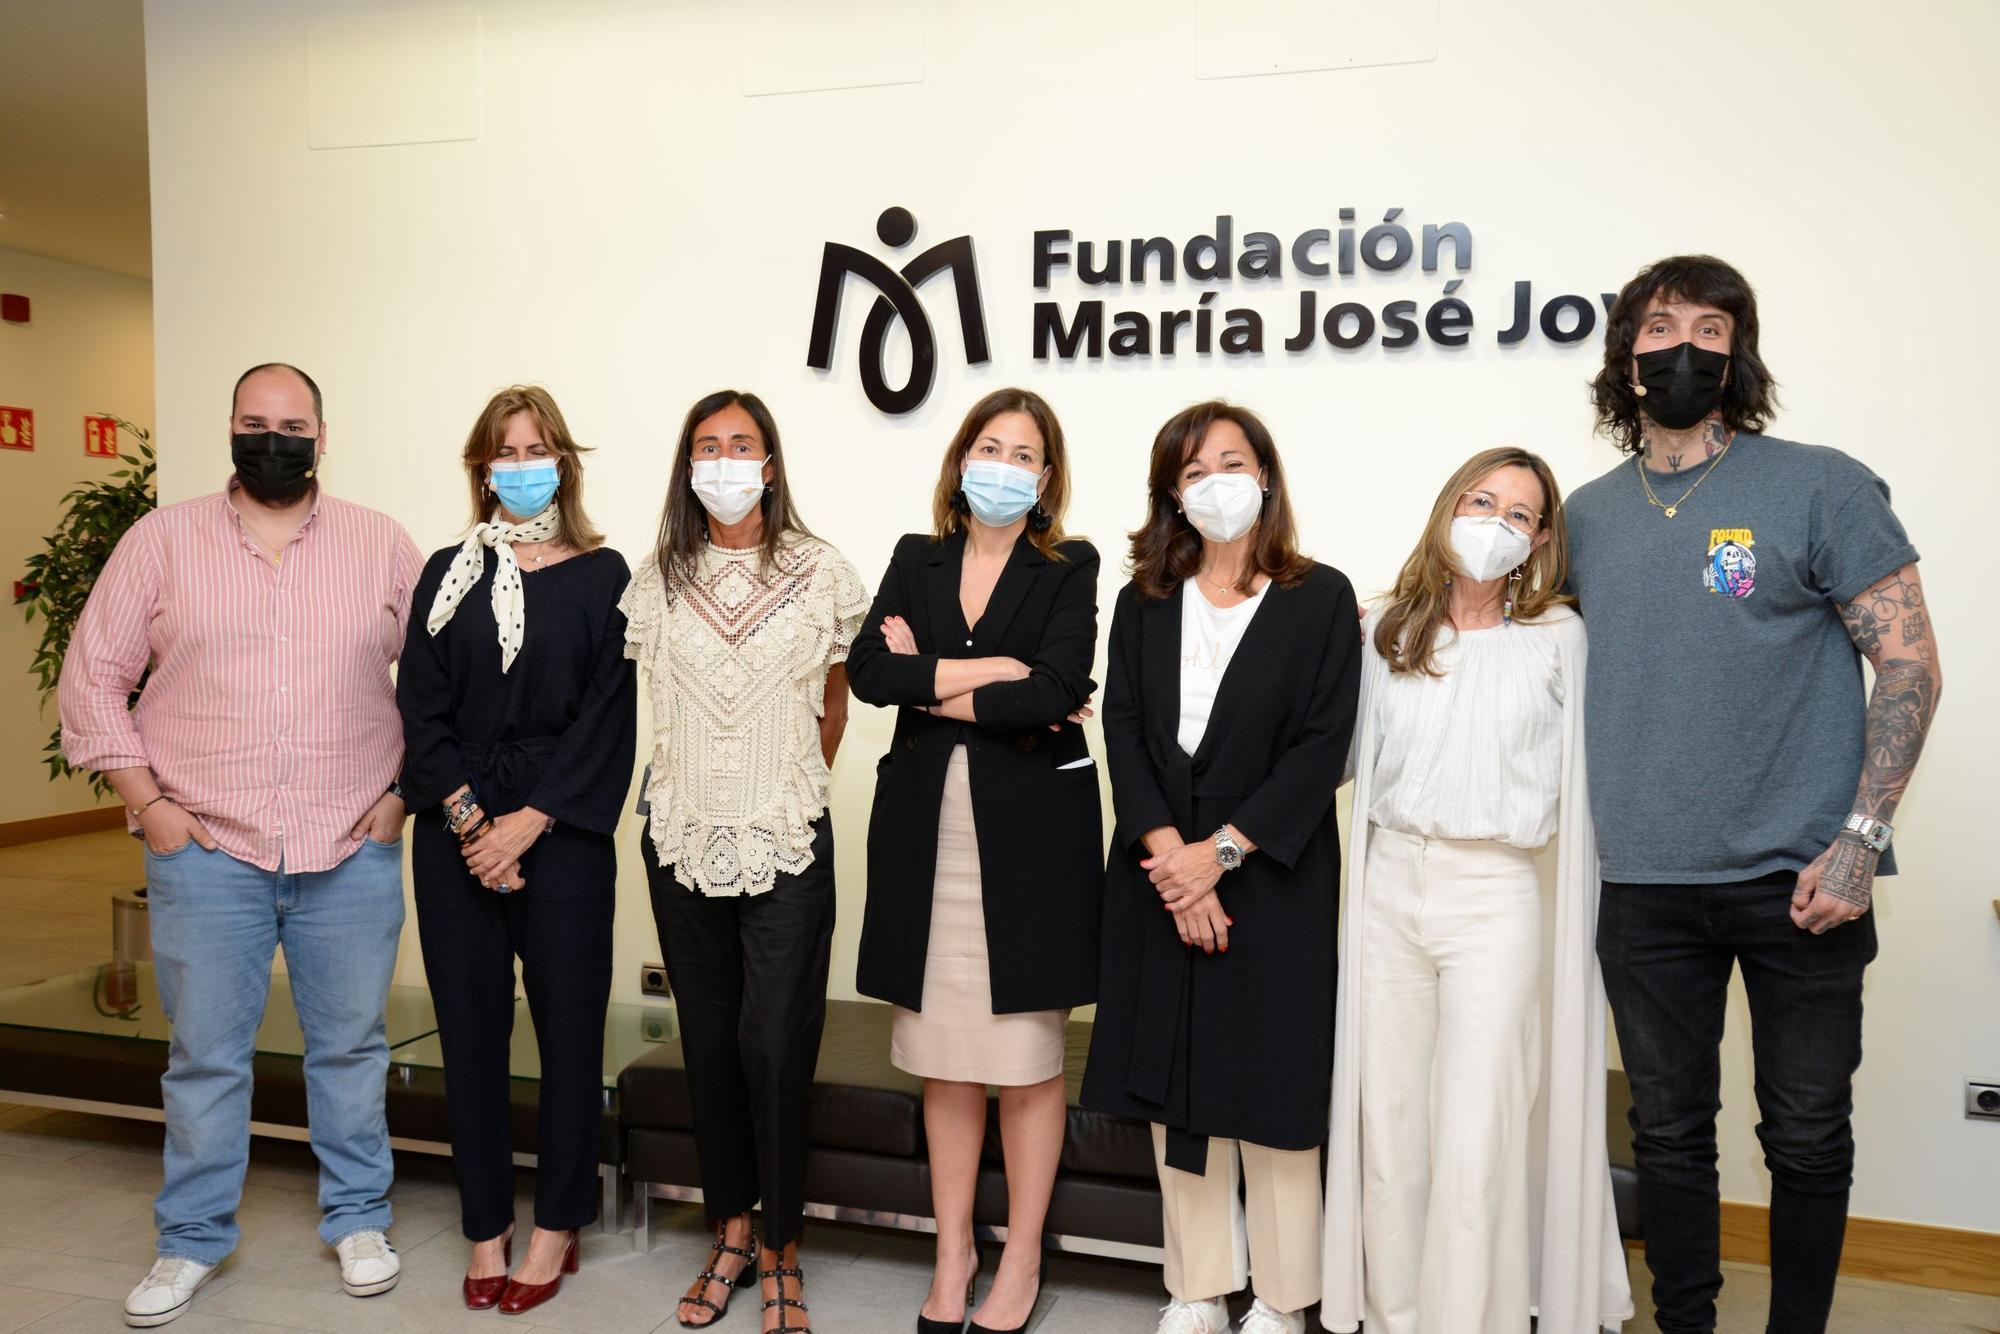 Arranca en A Coruña el congreso 'Lo que de verdad importa'